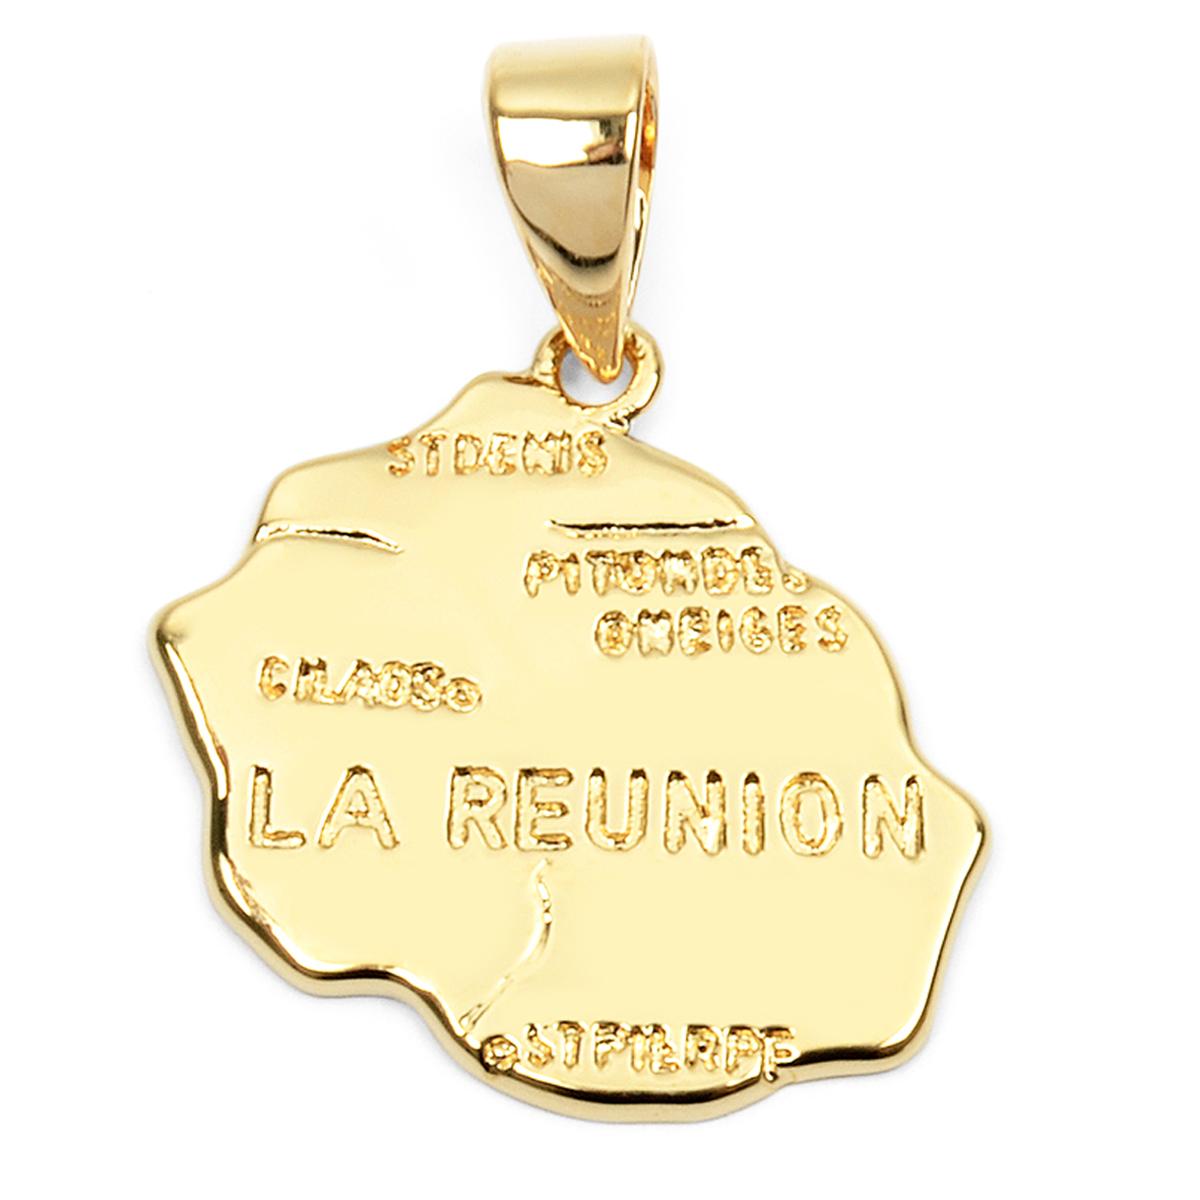 Pendentif Plaqué Or \'La Réunion\' doré - 20x15 mm (974) - [L4365]